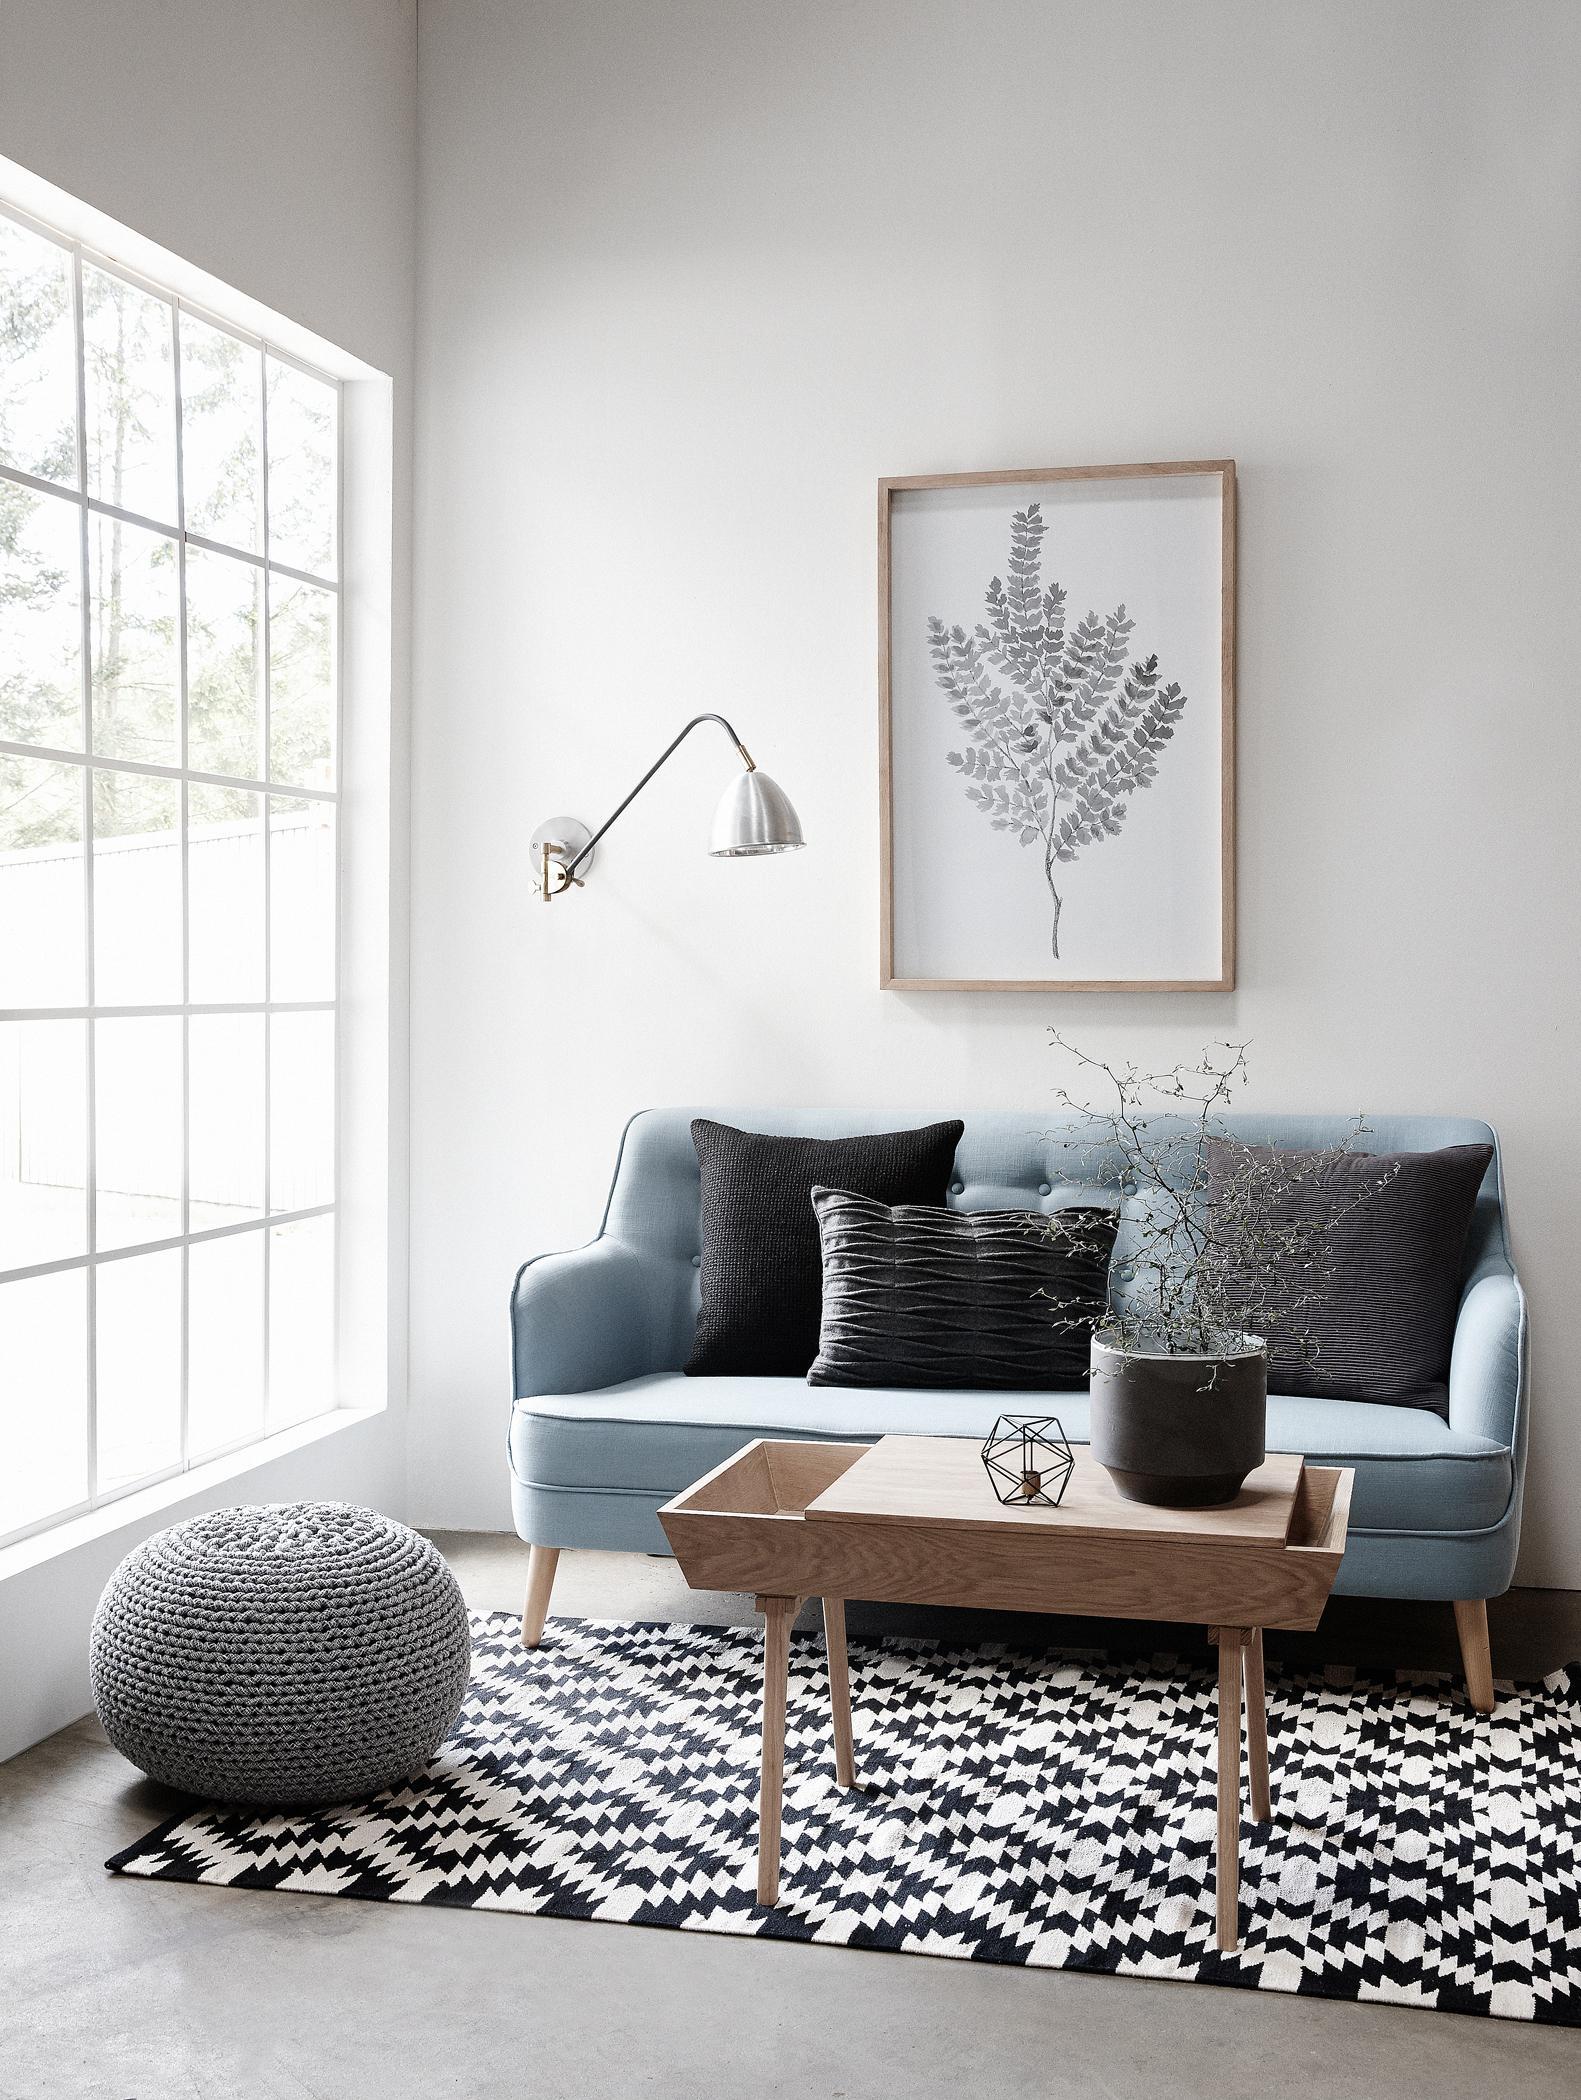 Skandinavischer Look Im Wohnzimmer Couchtisch Holzmbel Teppich Pouf Wandleuchte Sofa